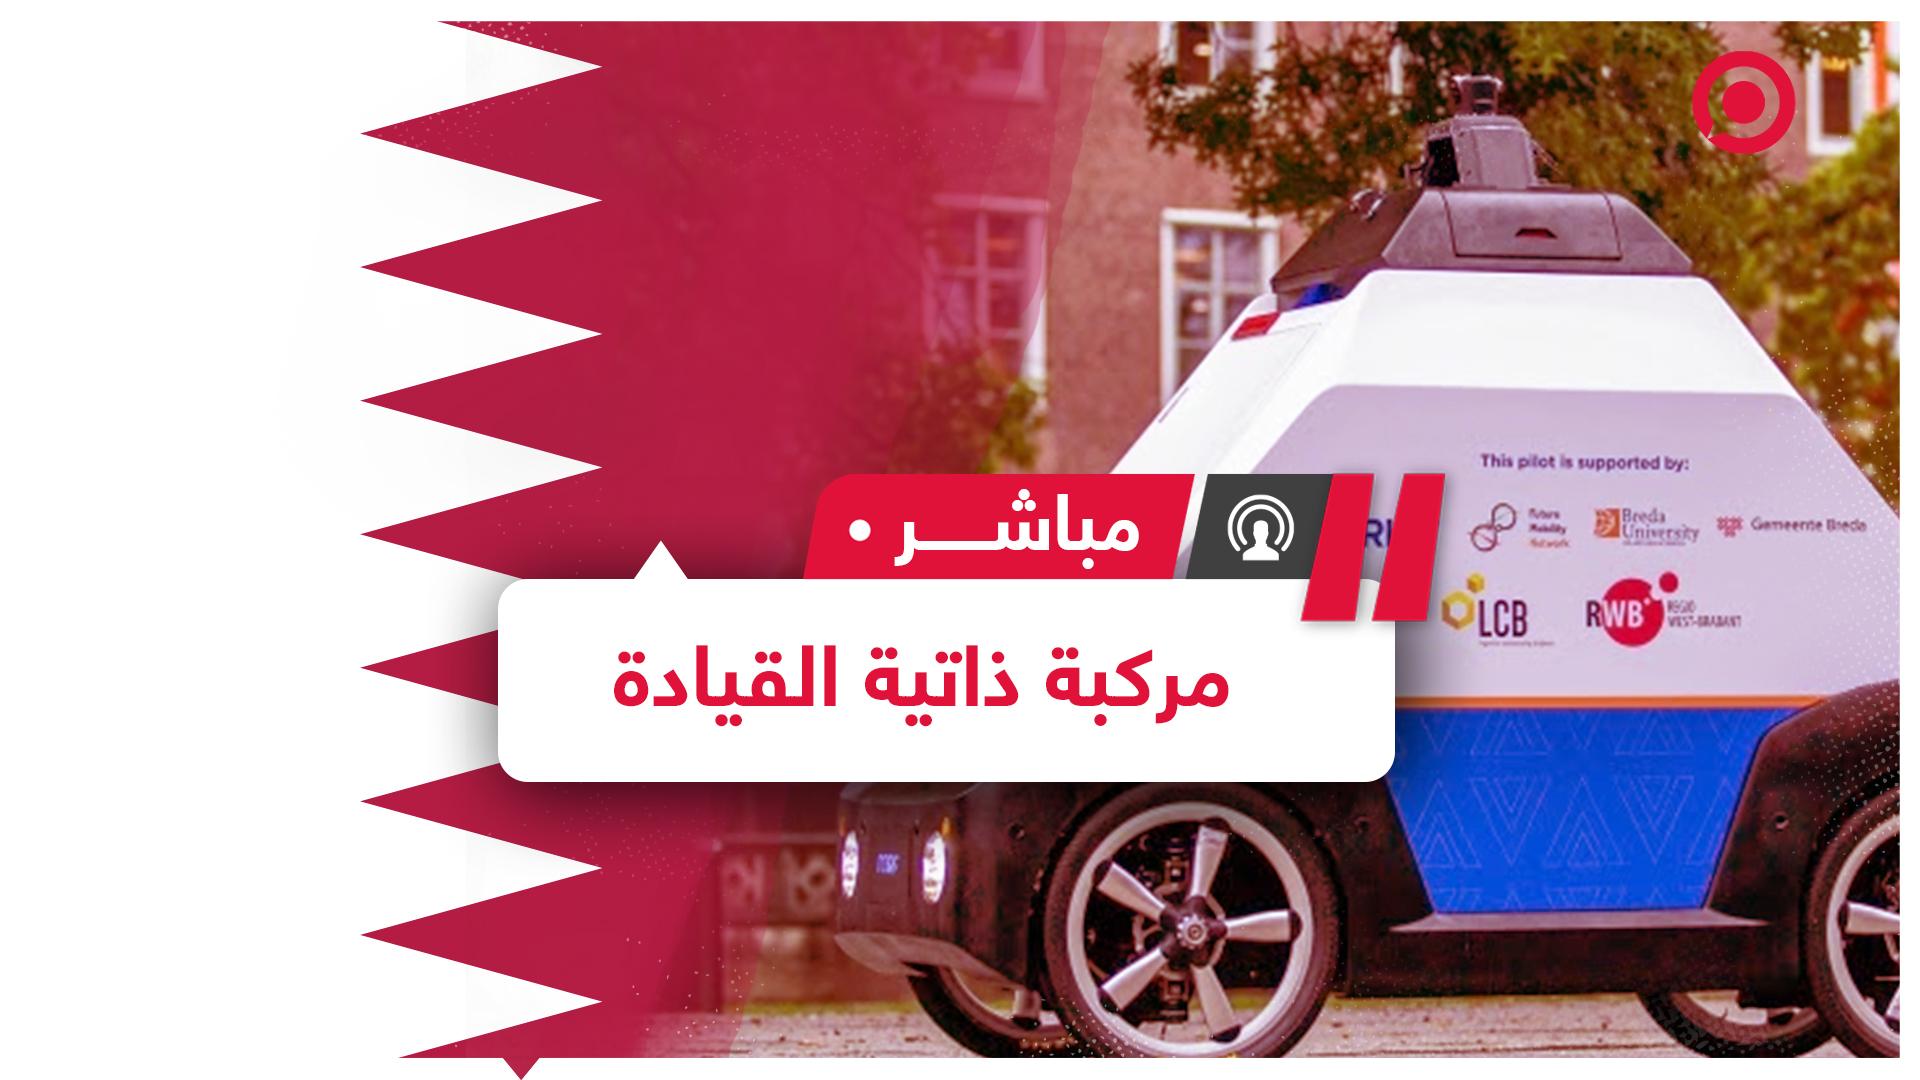 أول مركبة ذاتية القيادة في قطر لتوصيل الطلبات ولمهام أخرى